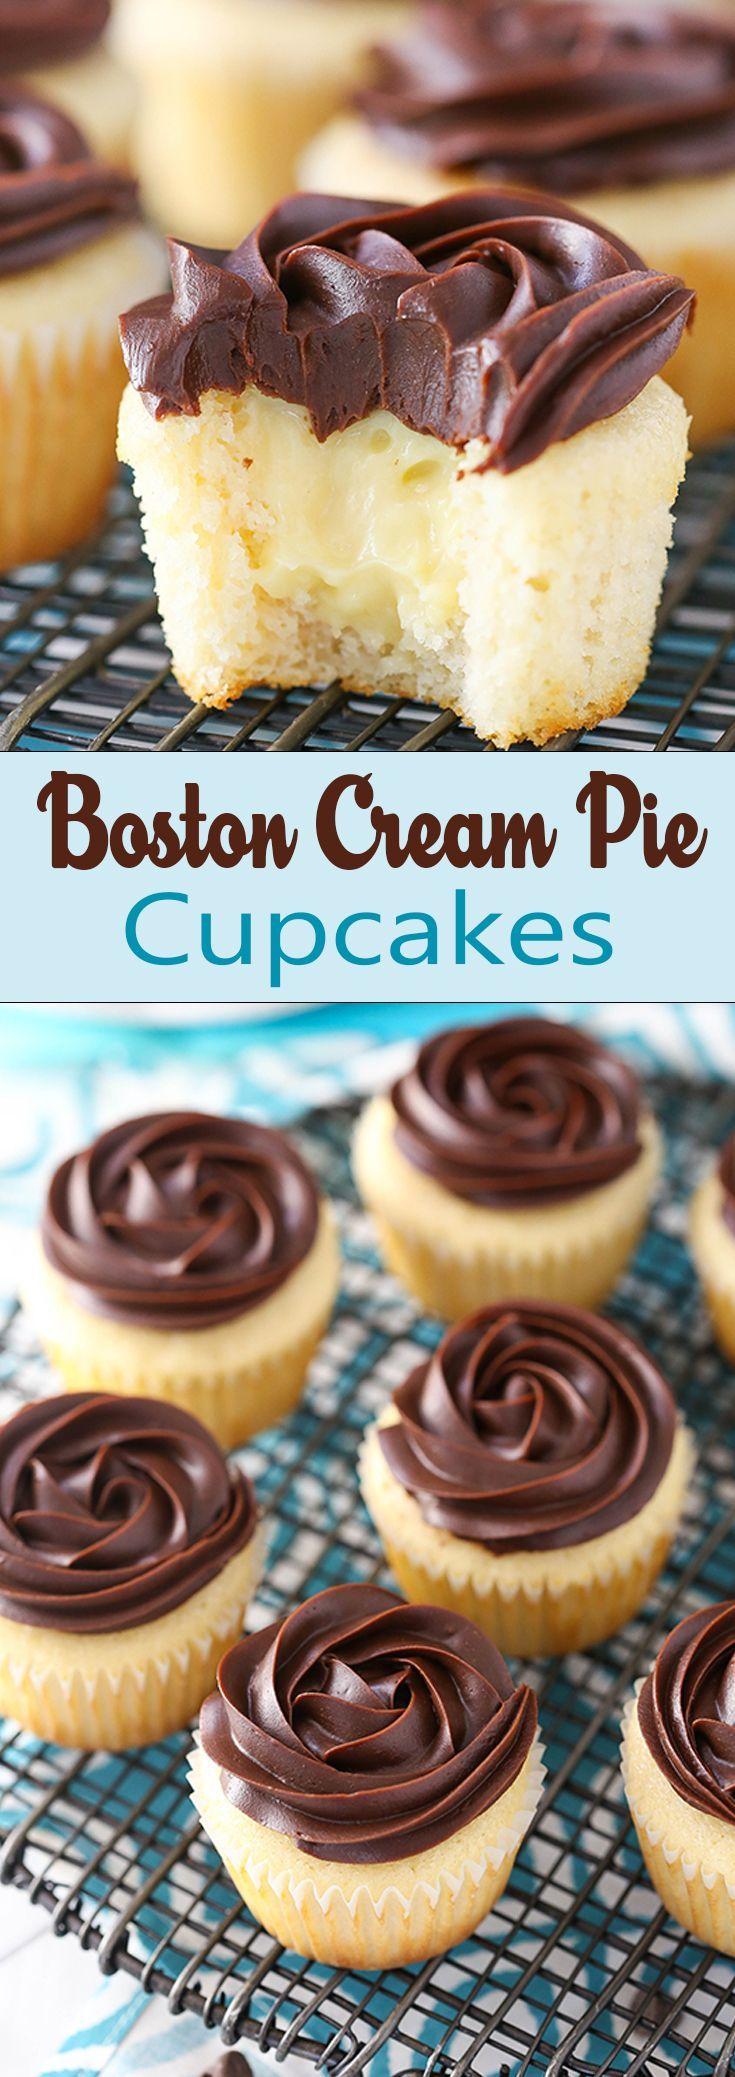 Boston Cream Pie Cupcakes r1